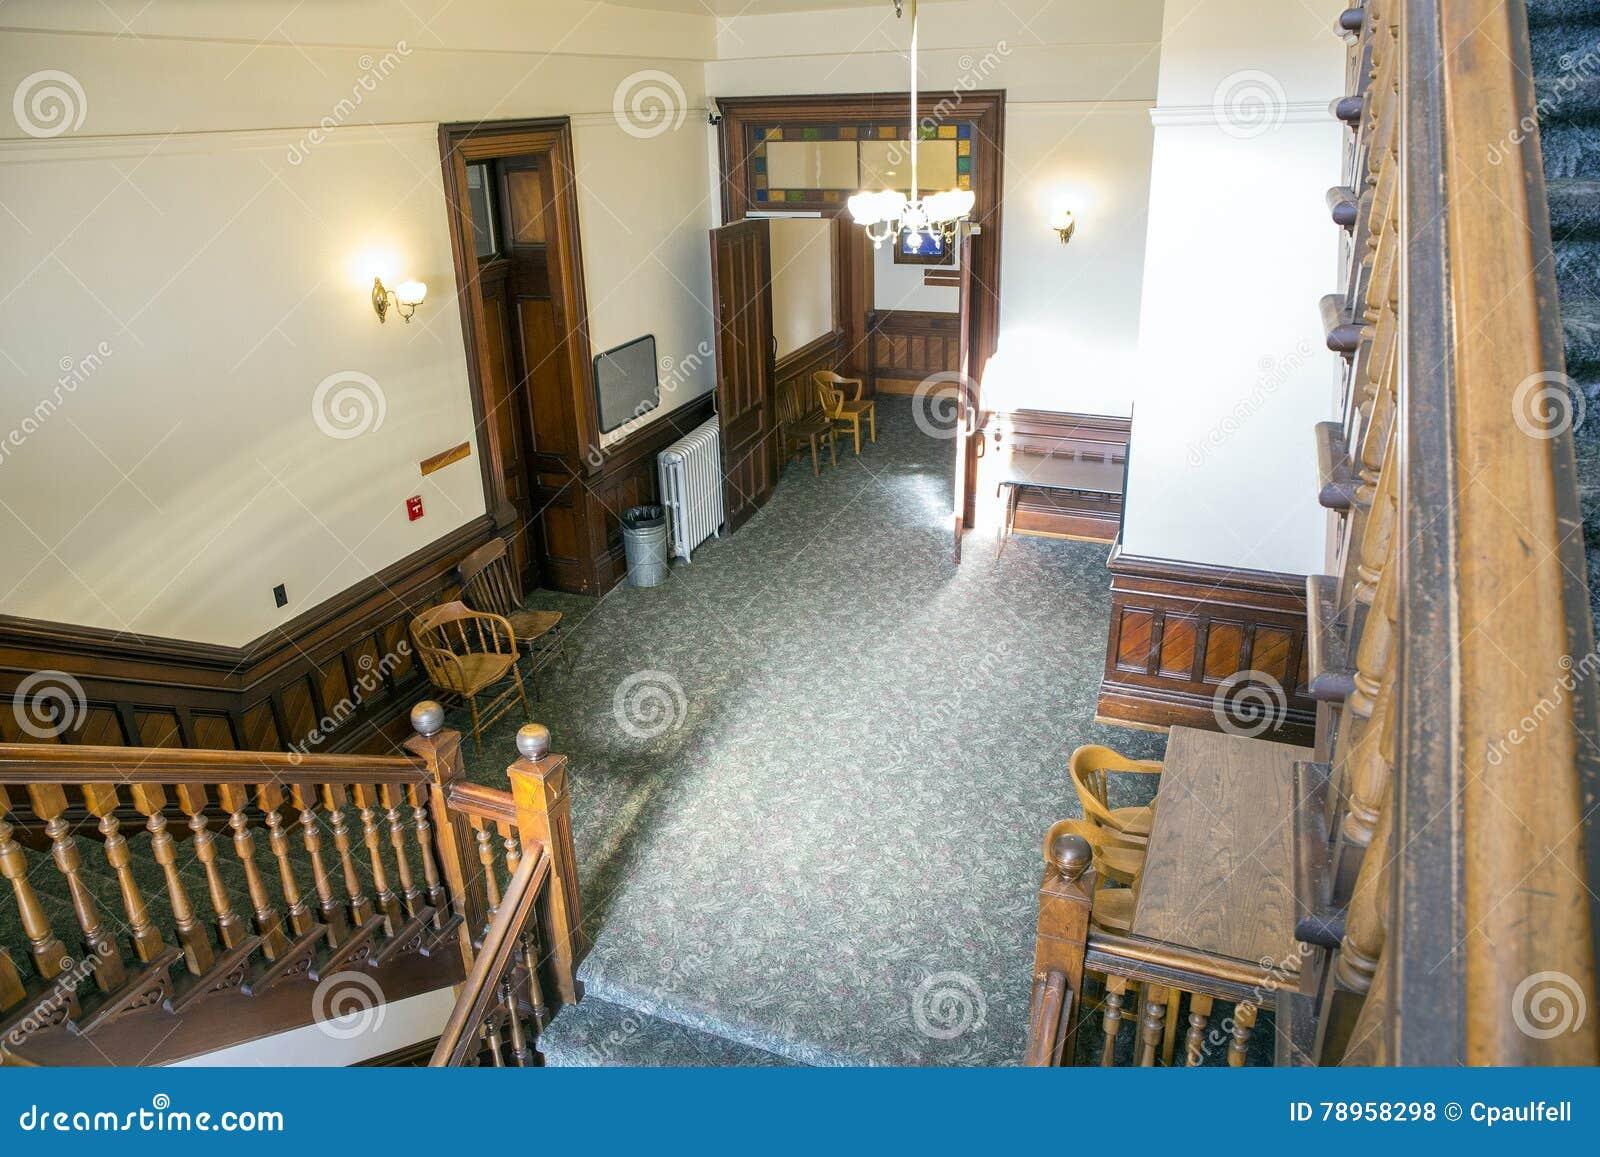 Corvallis Courthouse editorial stock photo  Image of oregon